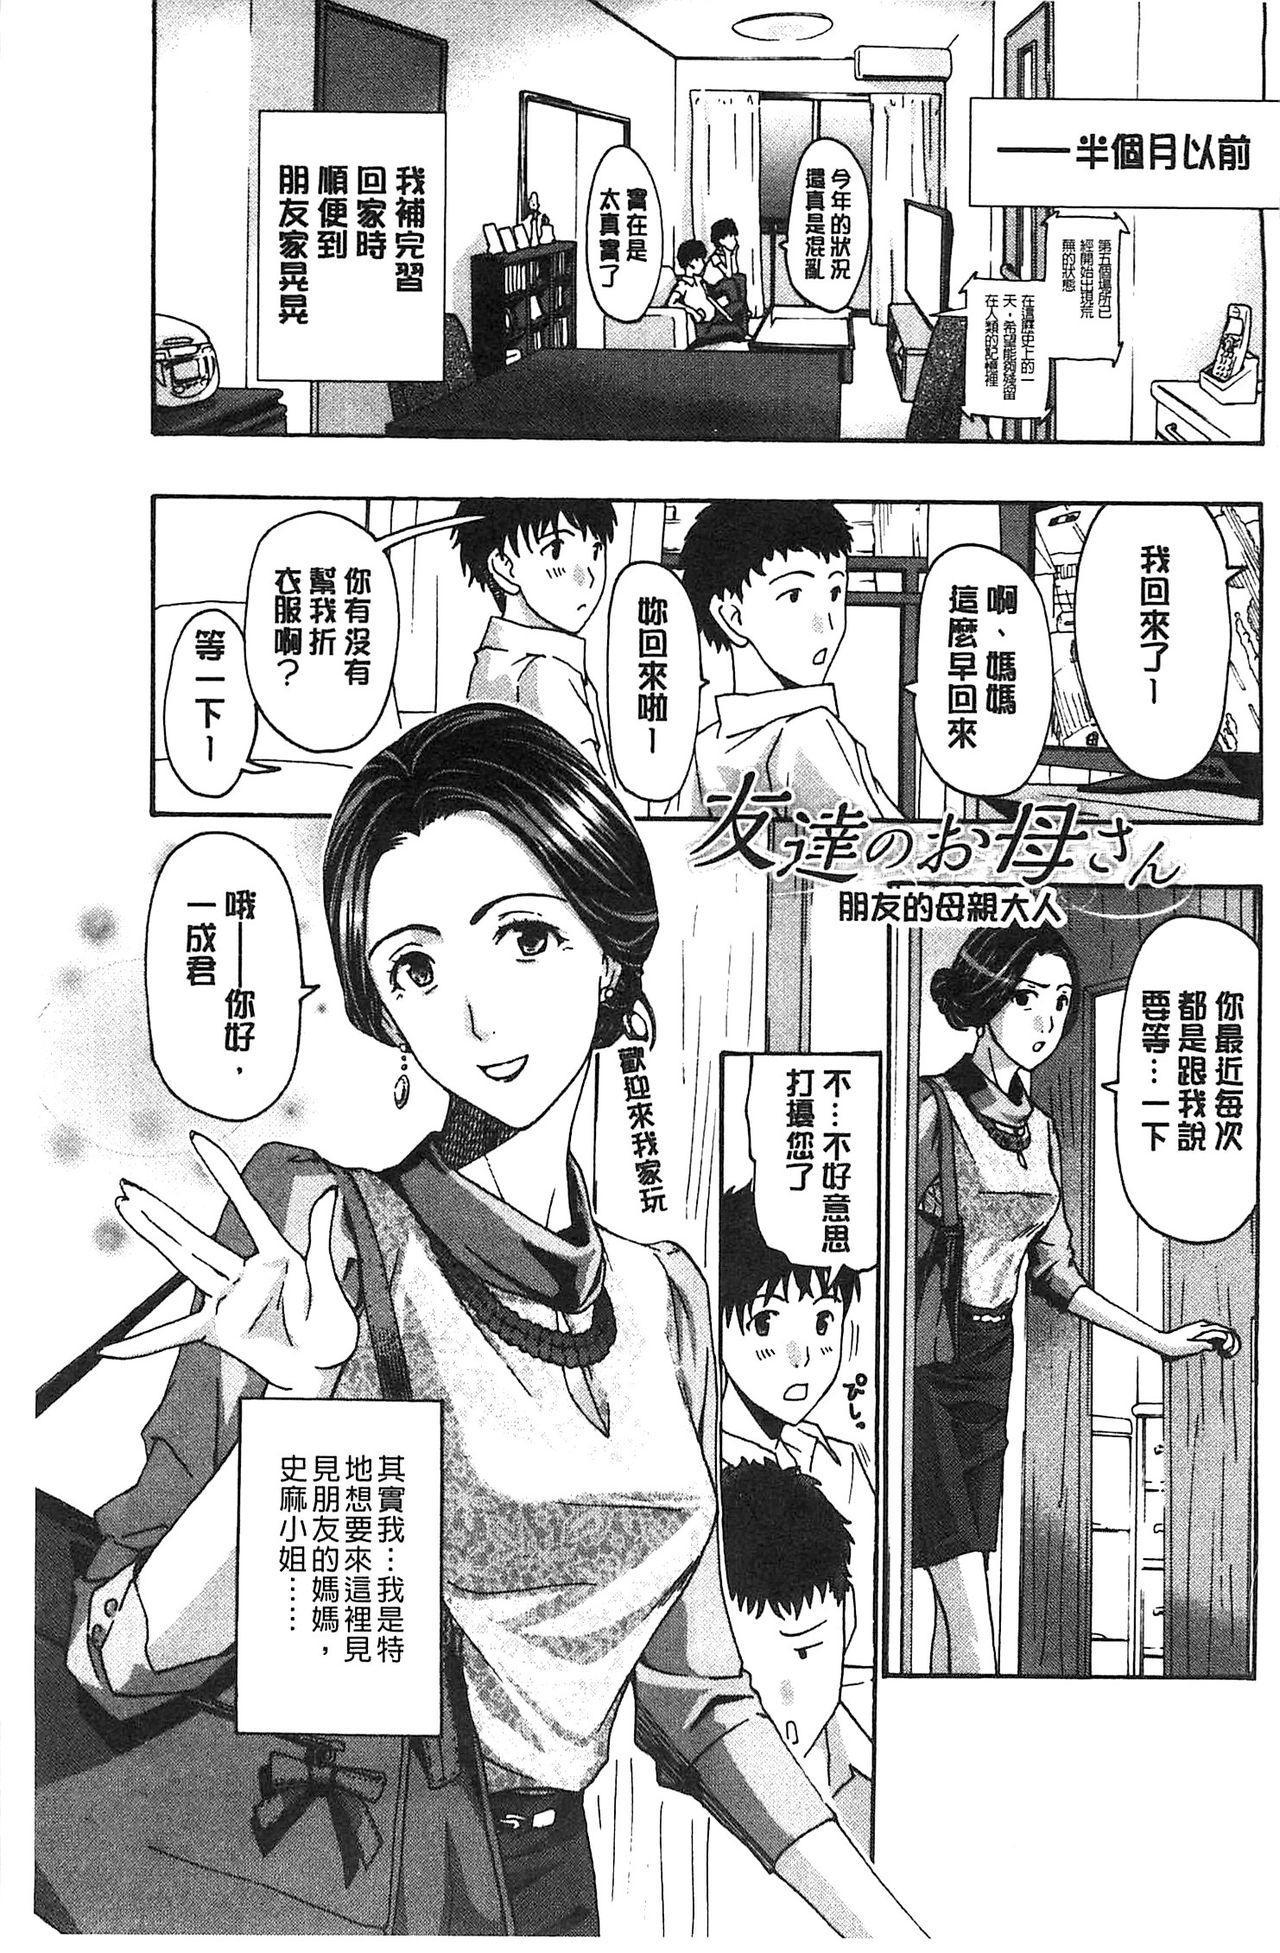 Watashito Iikoto Shiyo? 9